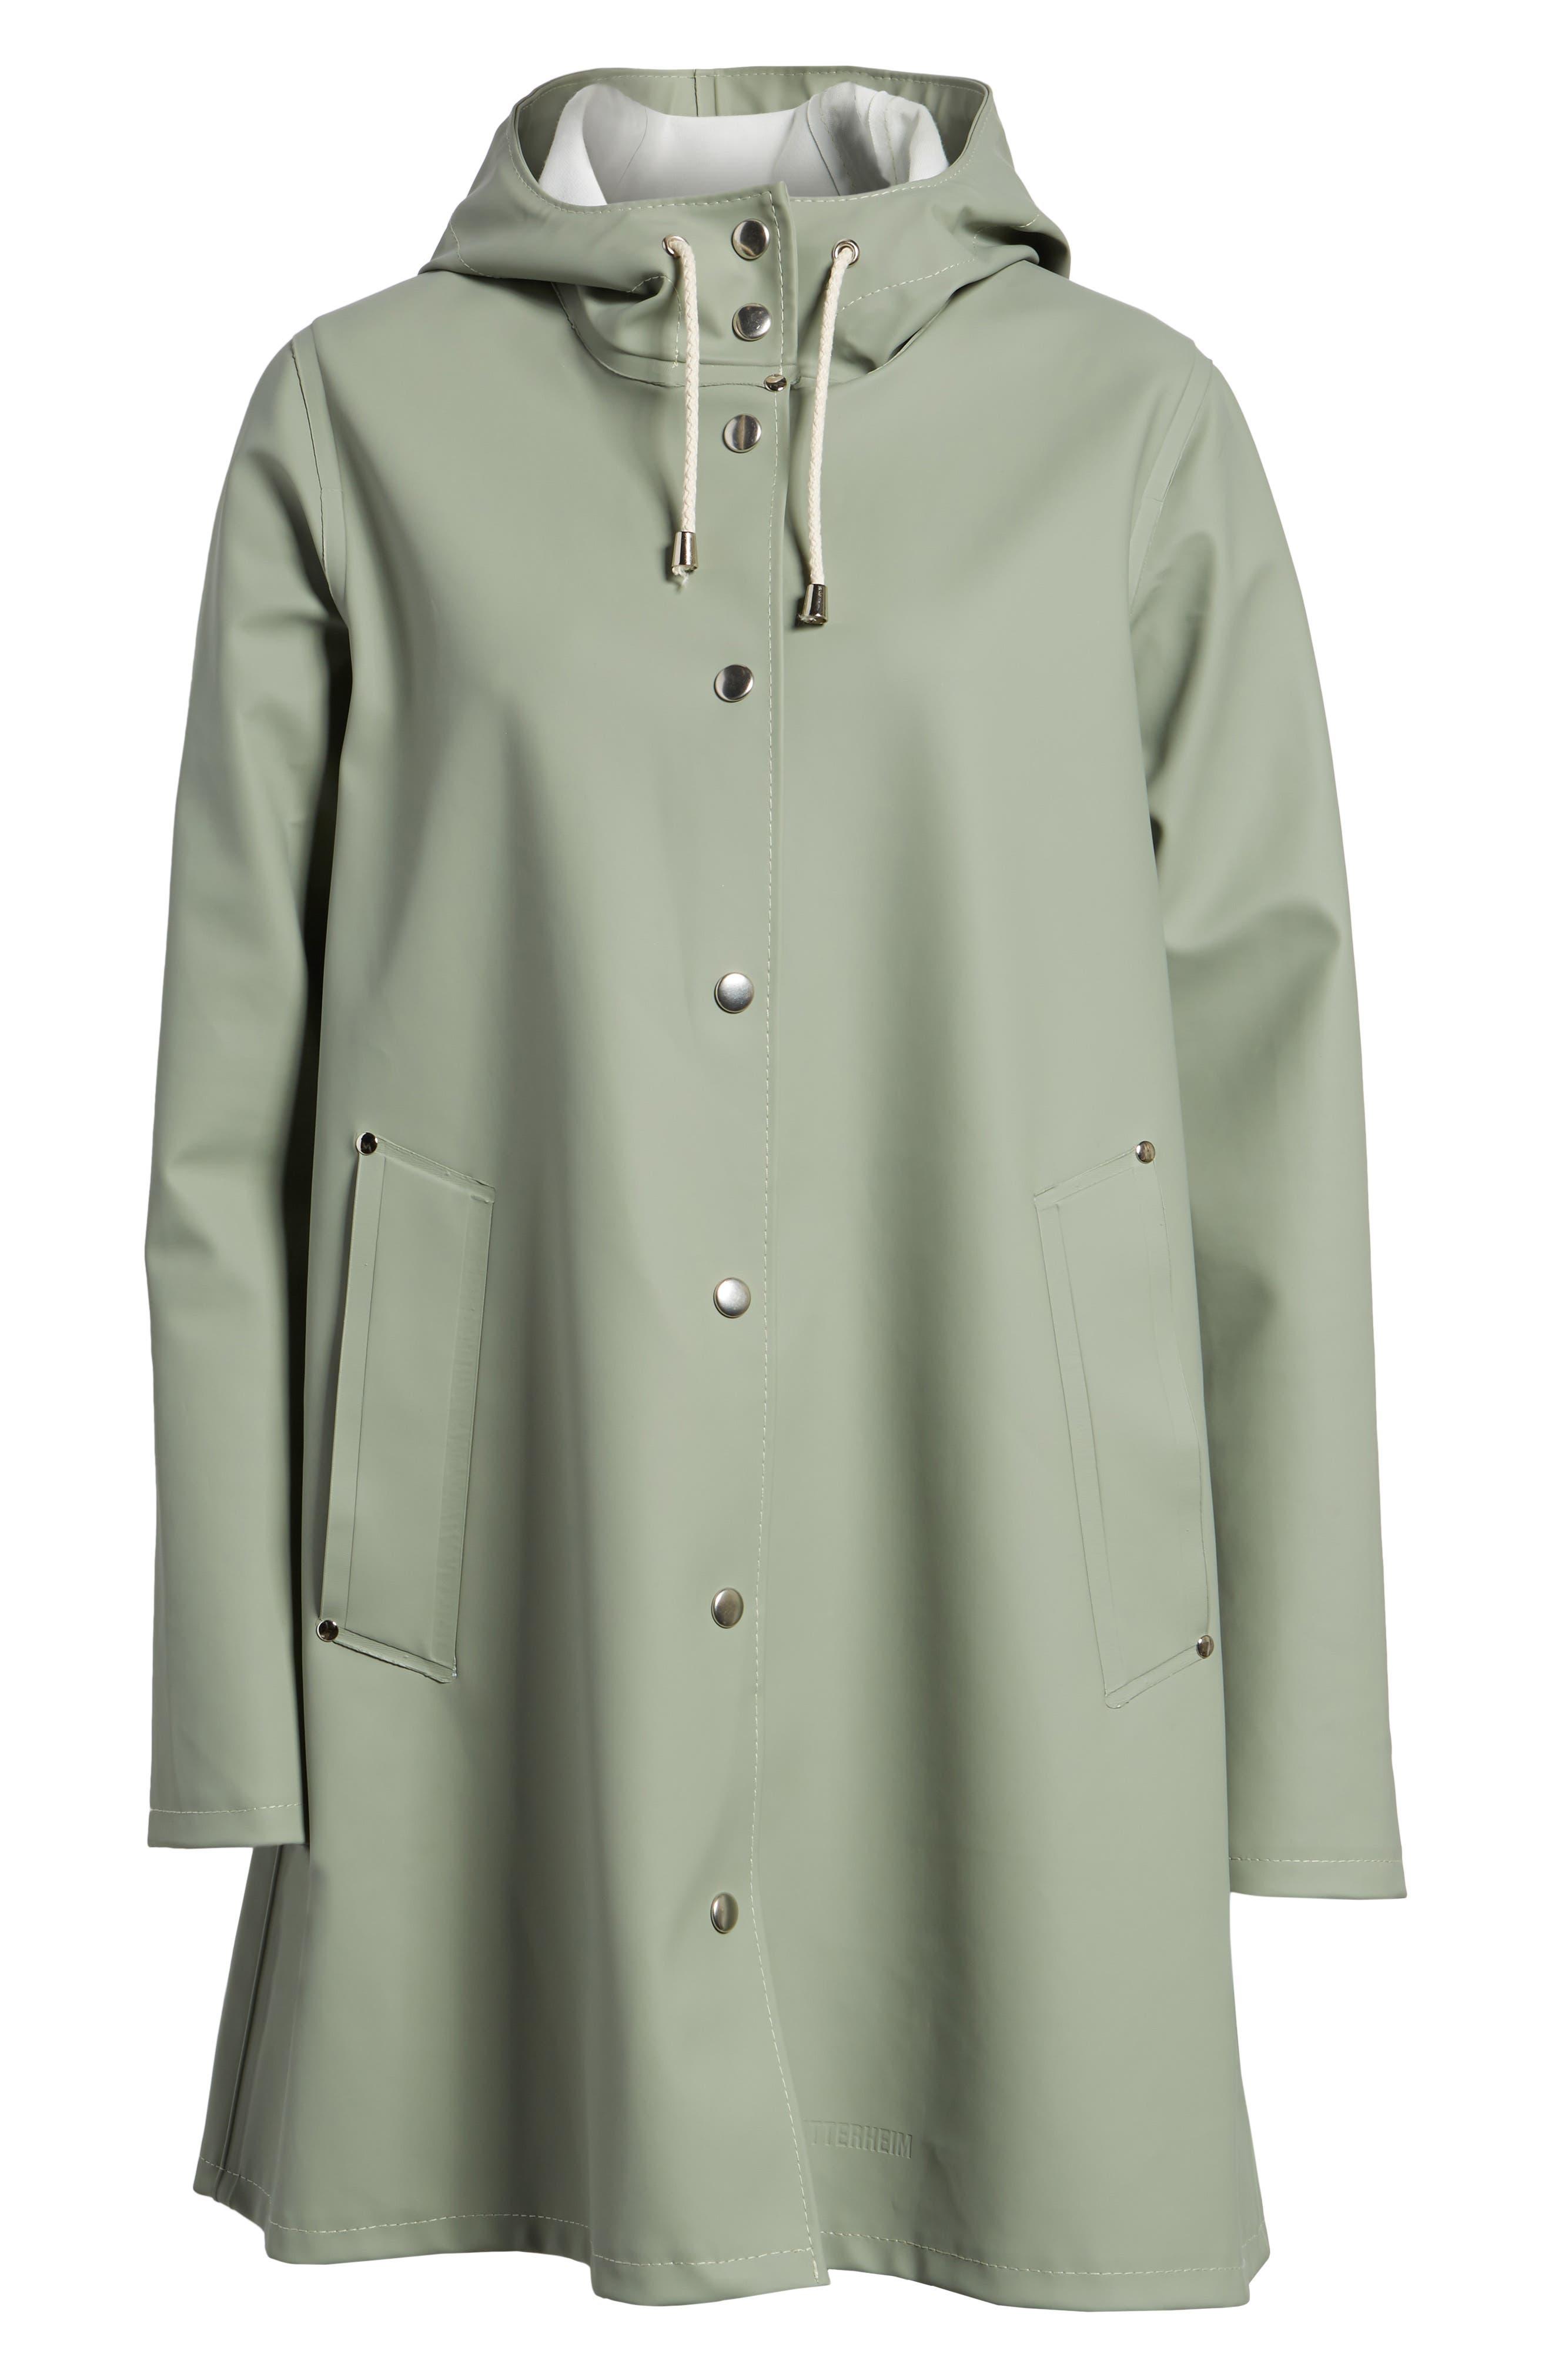 Mosebacke Waterproof A-Line Hooded Raincoat,                             Alternate thumbnail 7, color,                             Khaki Green